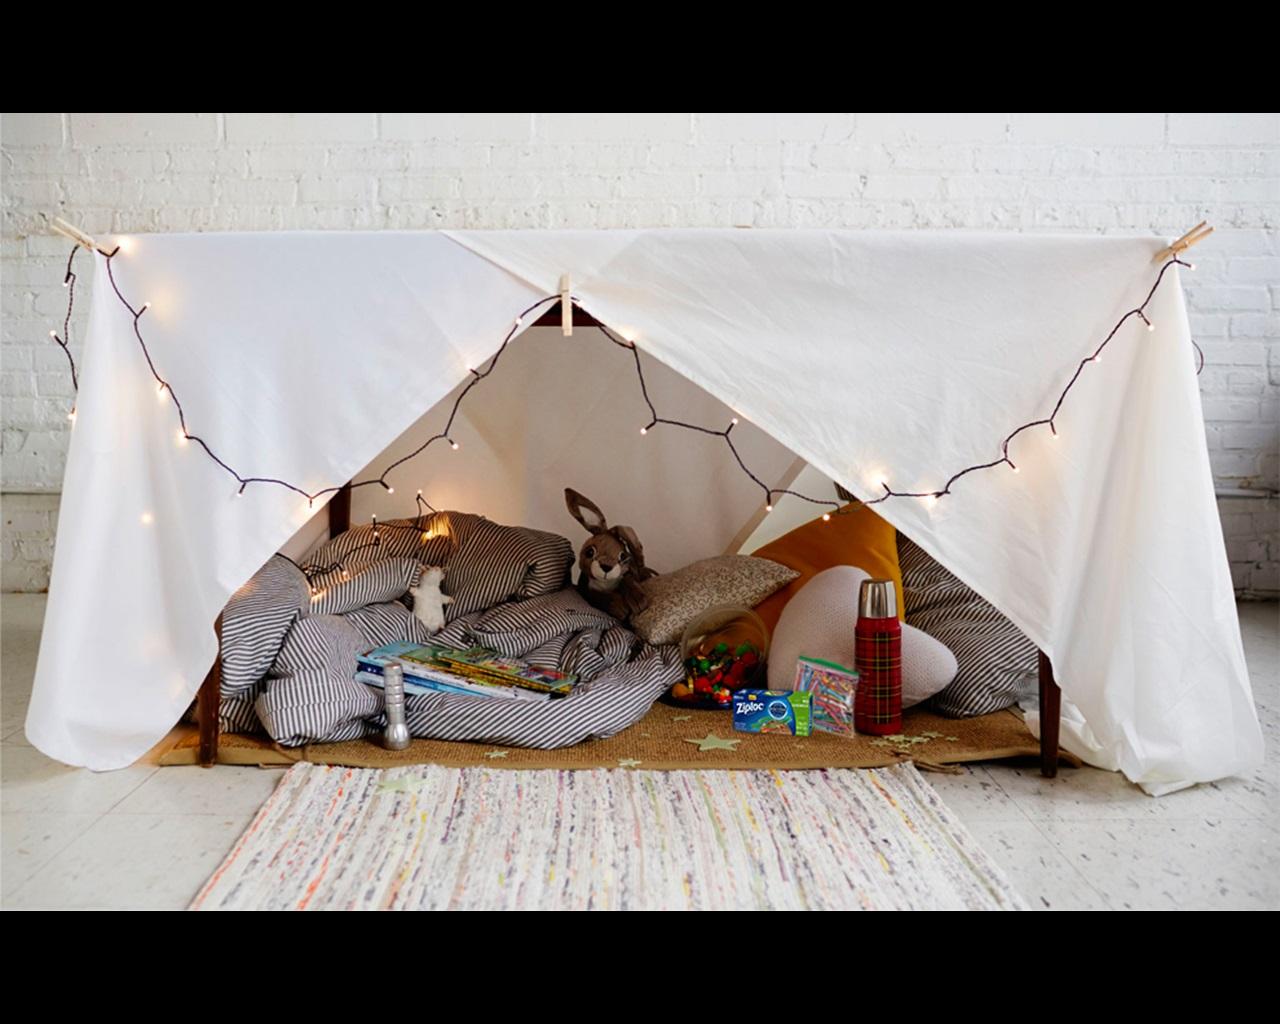 Guía para fiestas de campamento dentro de la casa